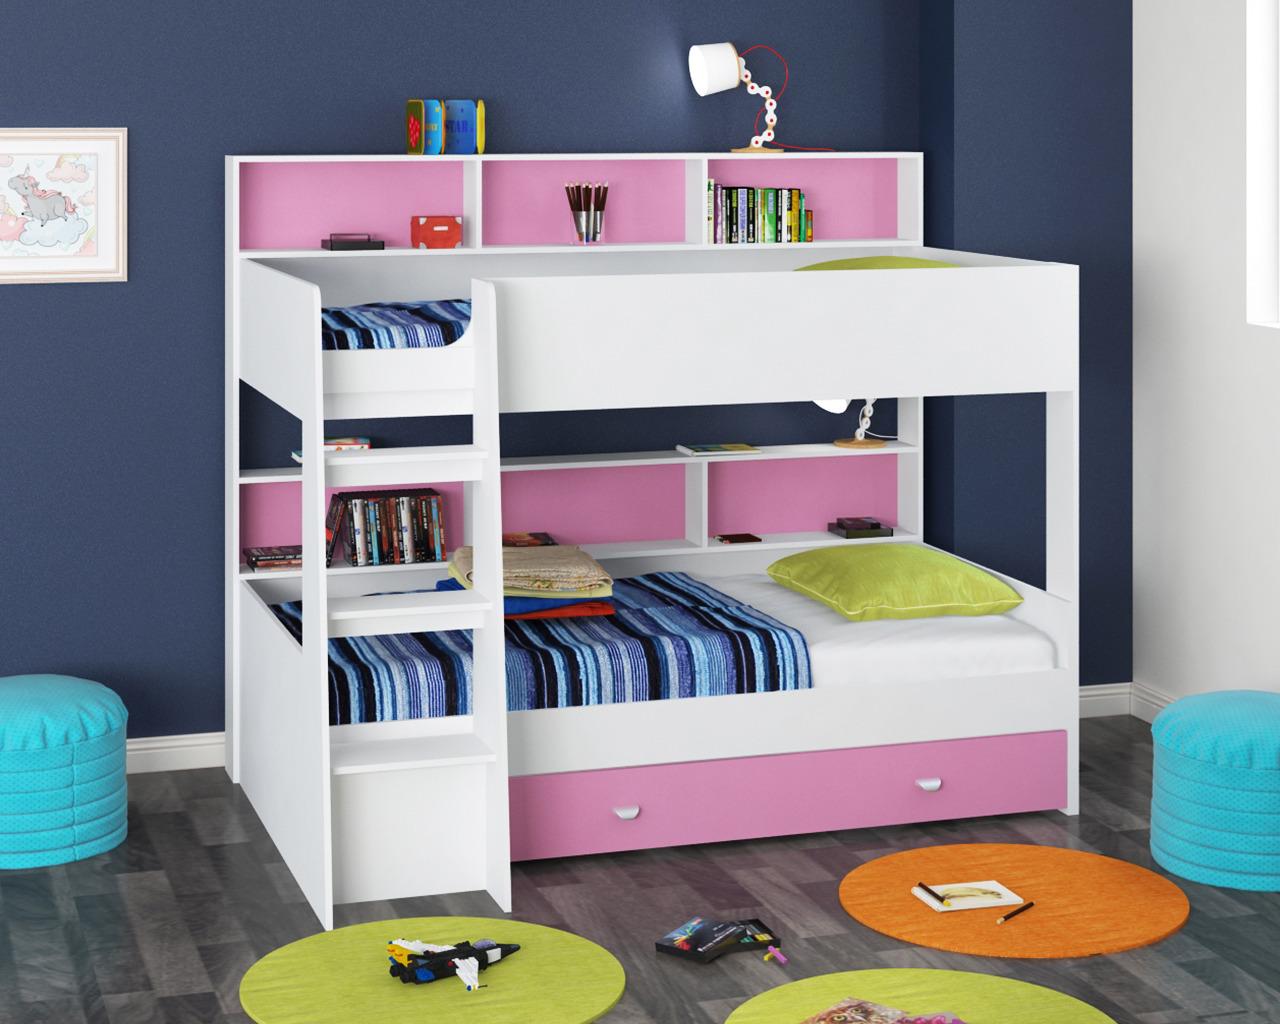 Набор мебели Golden Kids 1 кбКровати двухъярусные<br><br><br>Длина мм: 1830<br>Высота мм: 1400<br>Глубина мм: 2075